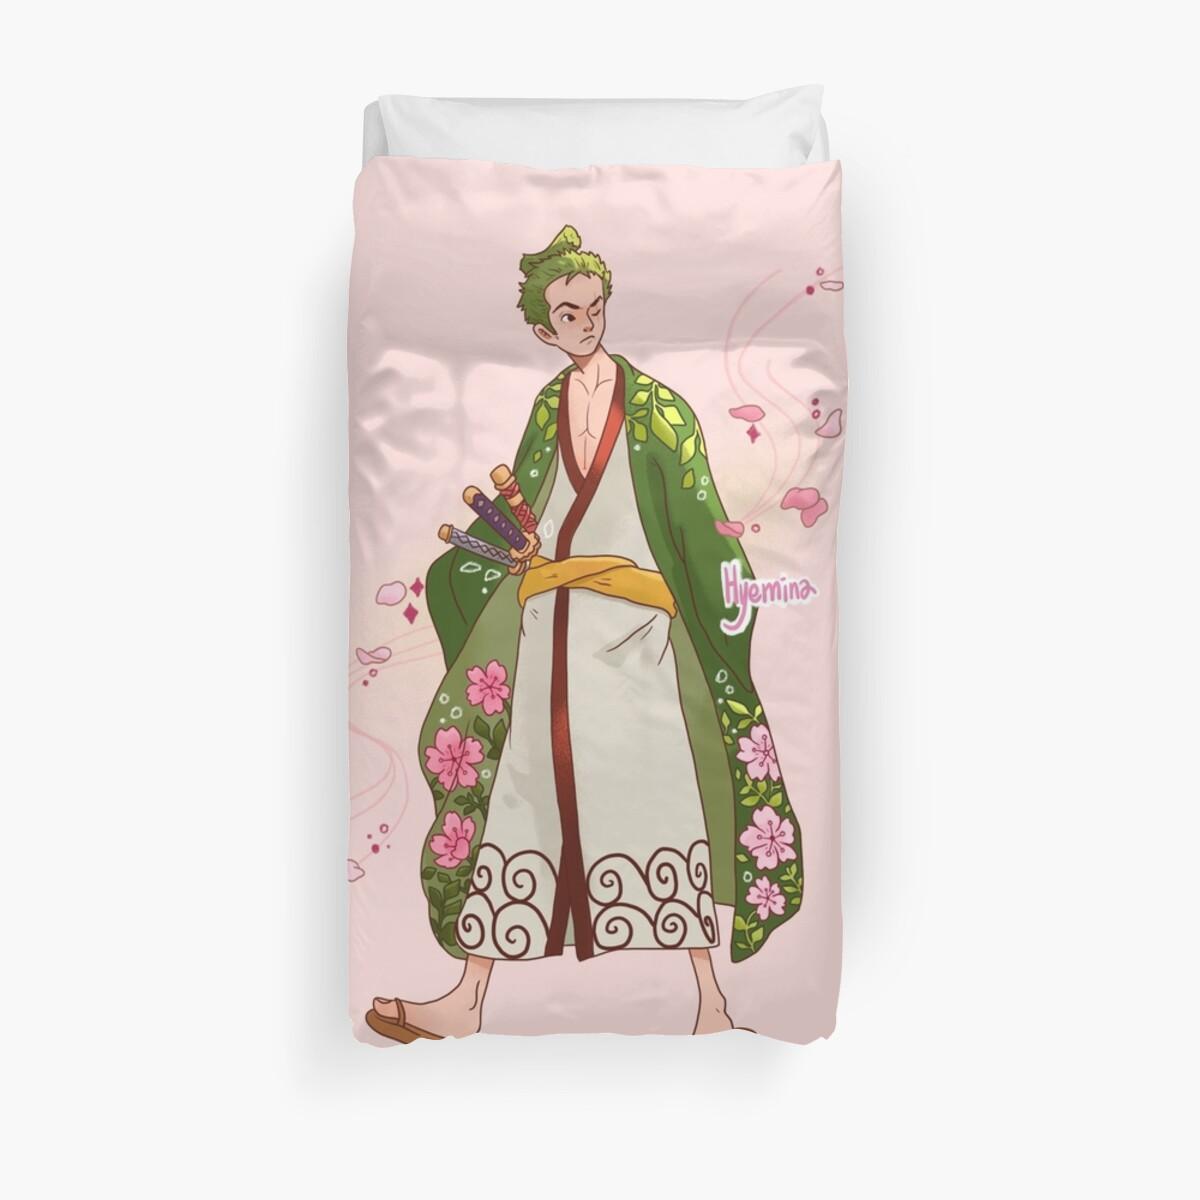 Blossom Samurai by HYEMINA